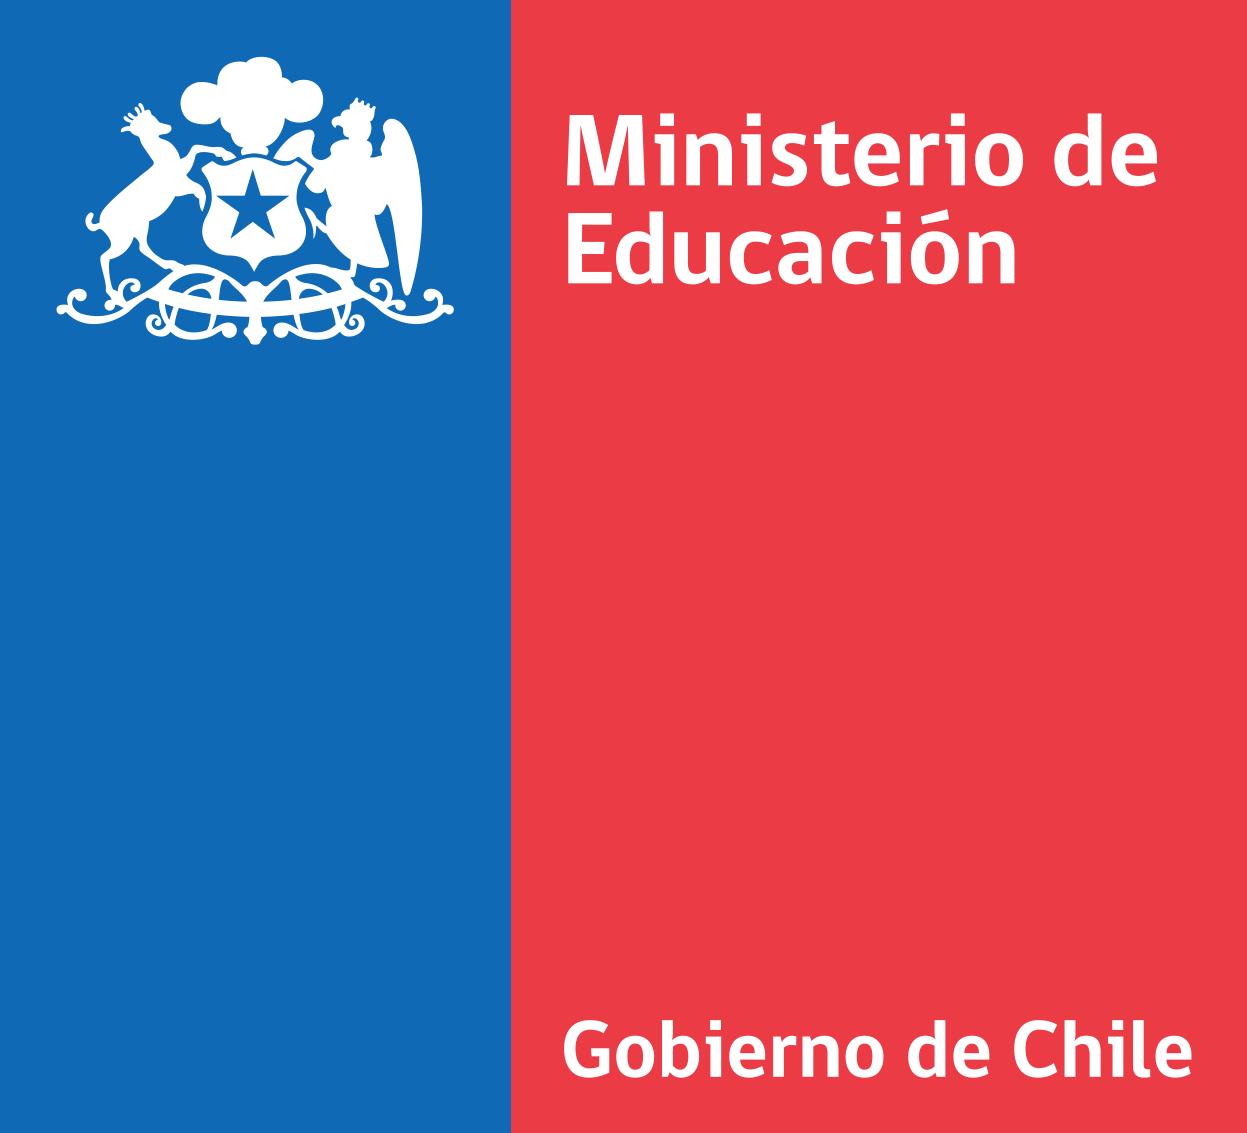 Ministerio de Educación, Gobierno de Chile